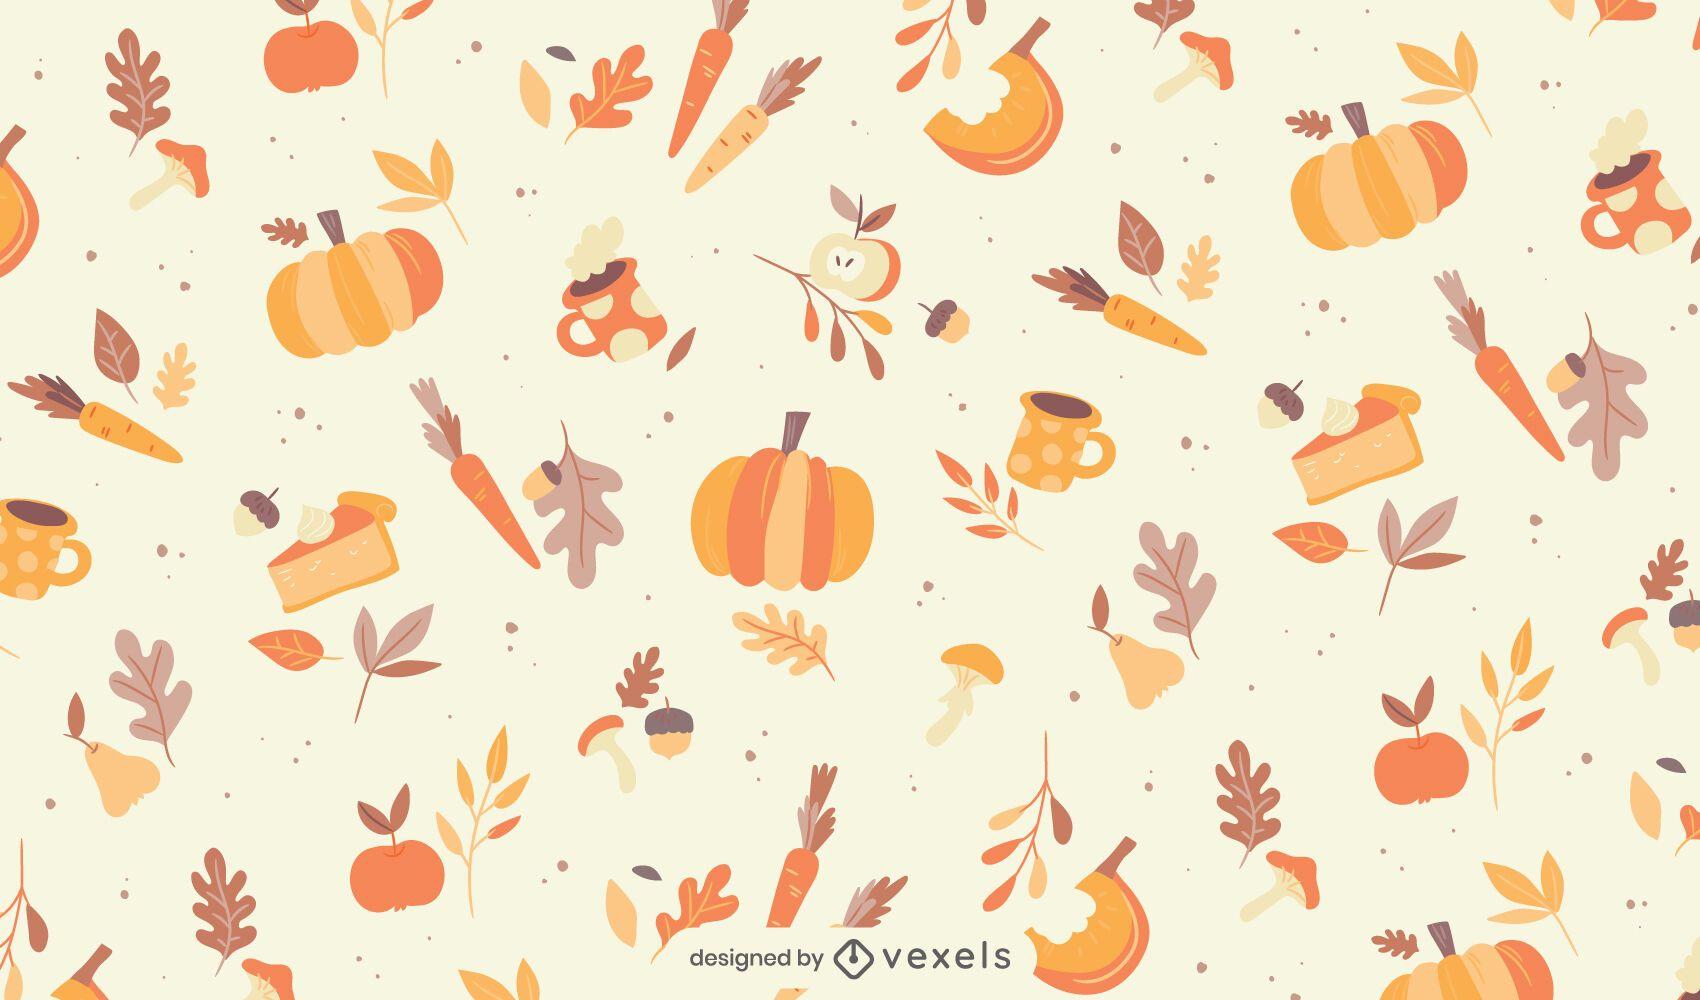 Diseño de patrón de elementos de temporada de otoño